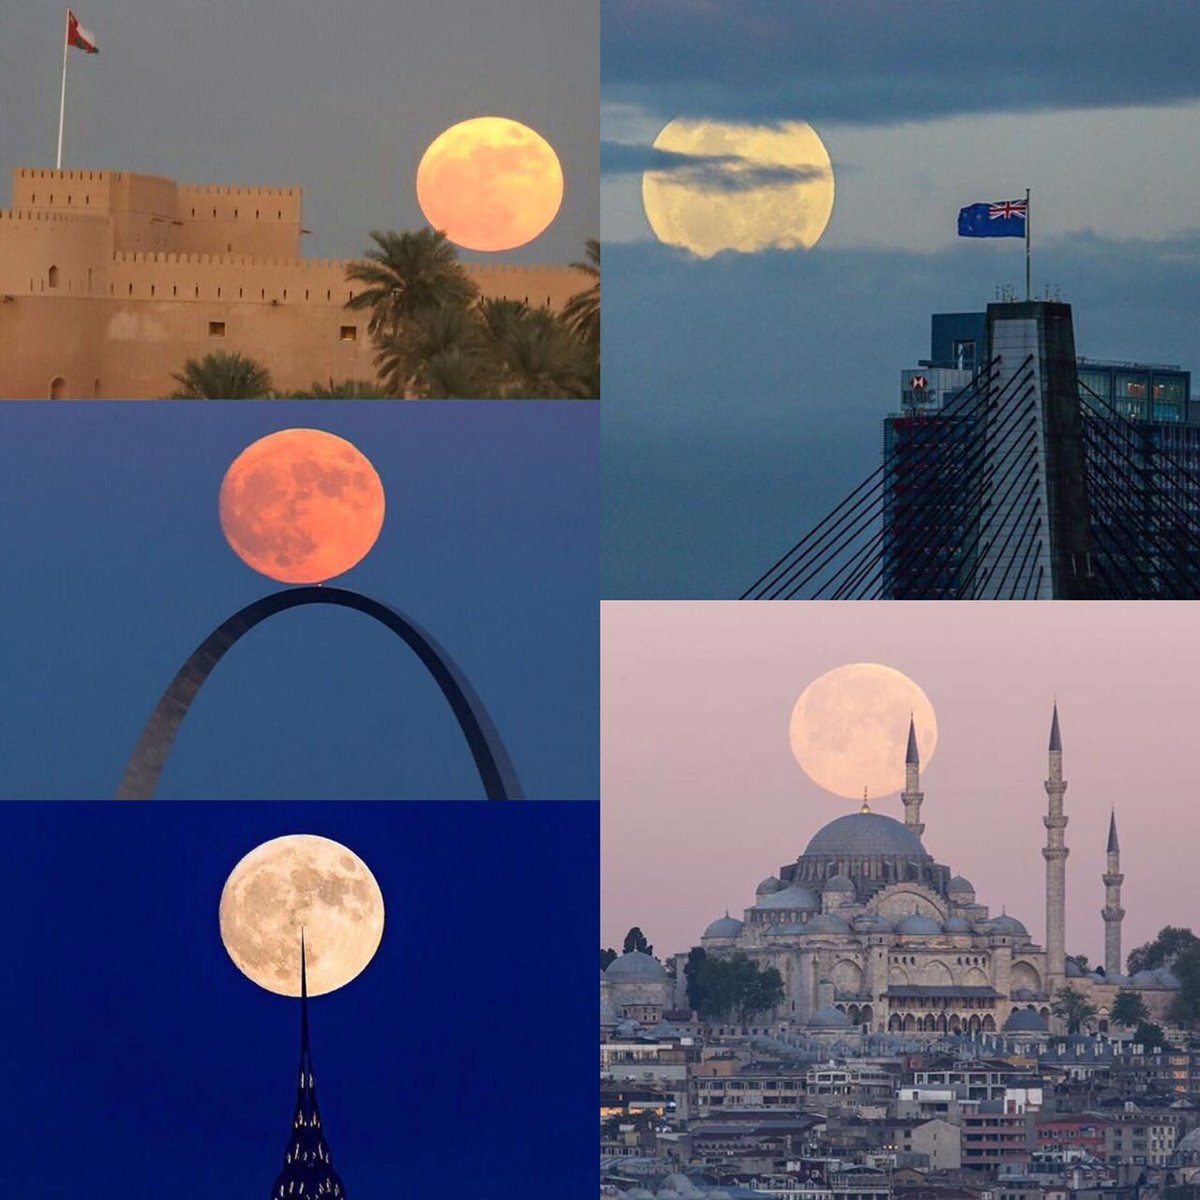 بالصور صور القمر العملاق , اجمل صور للقمر الرائع 12303 10